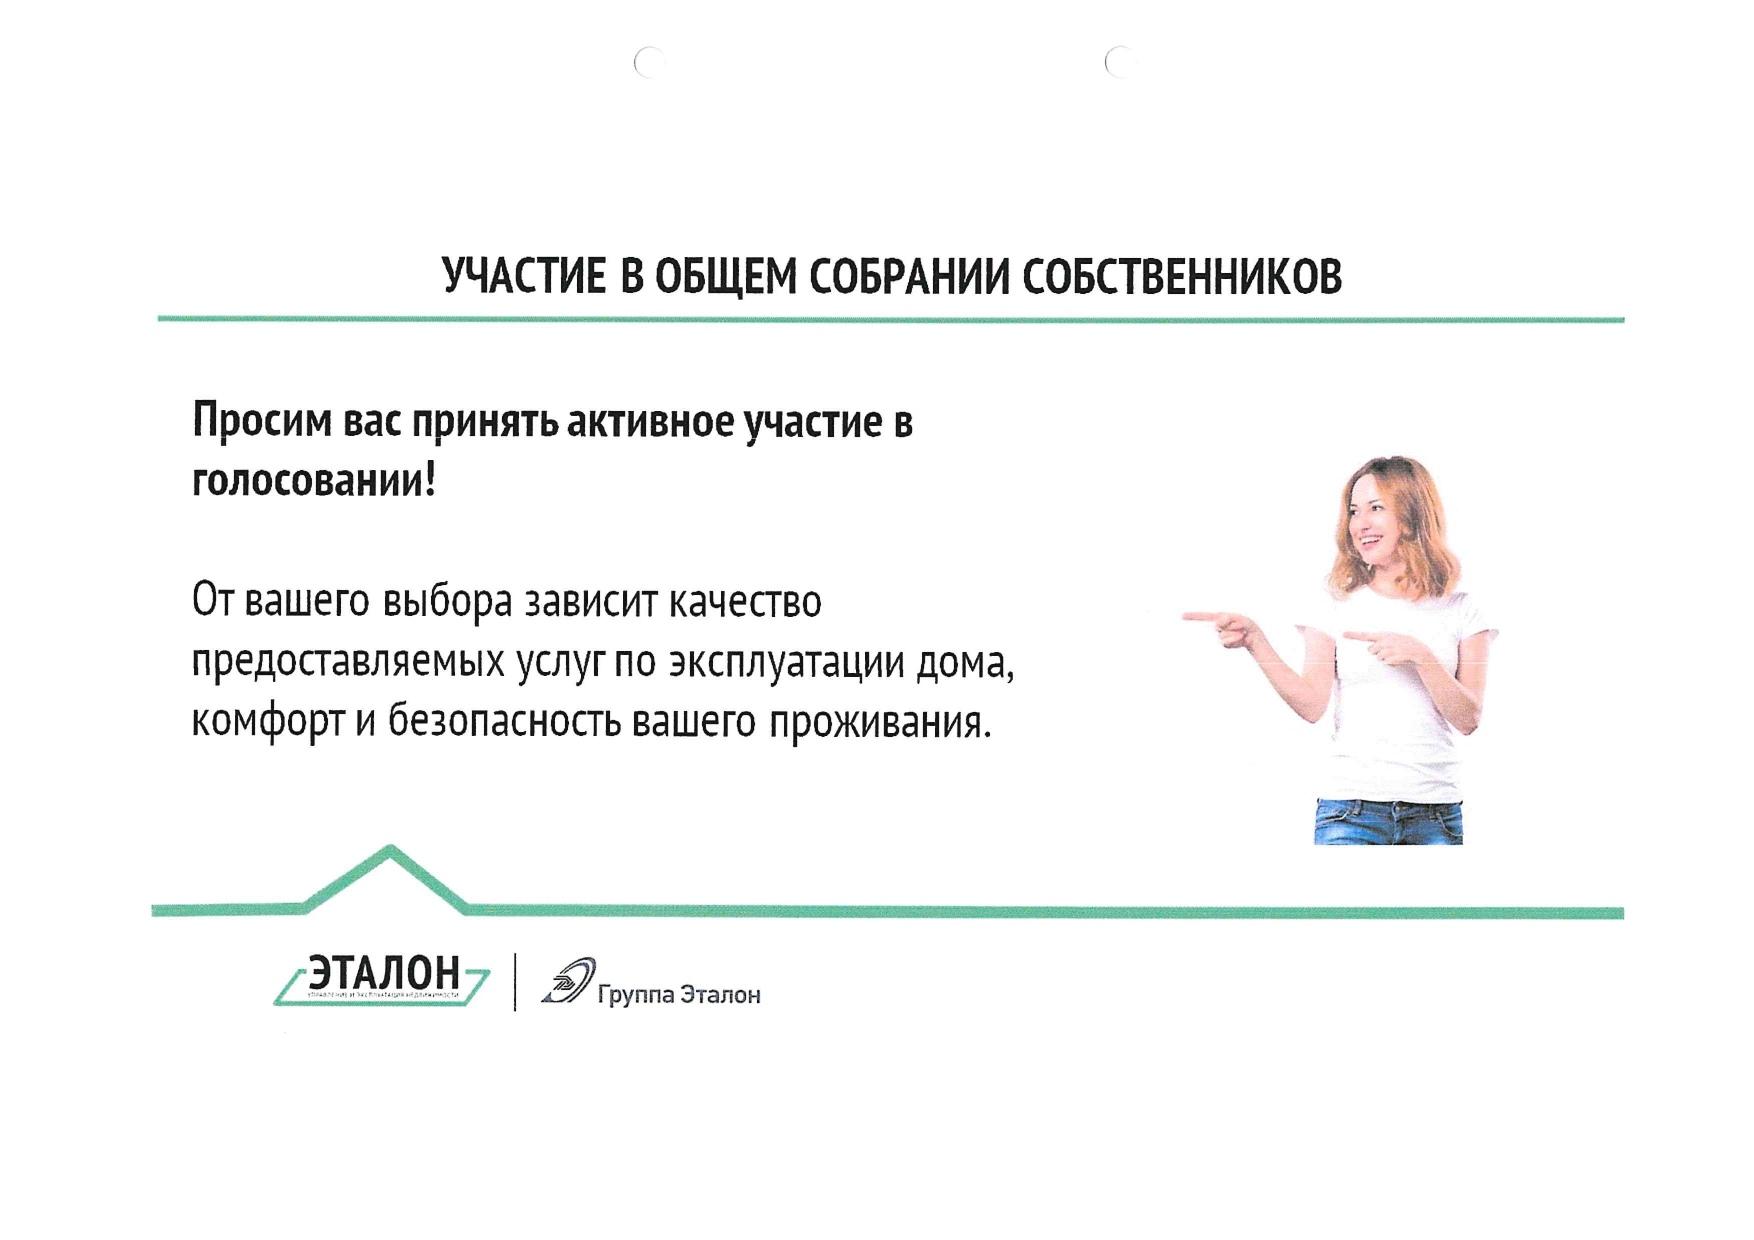 """Управляющая компания в ЖК """"Летний сад"""" - у нашего форума налажено взаимодействие. Развиваем его и решаем возникающие вопросы - Страница 8 I-gVJwR2jSI"""